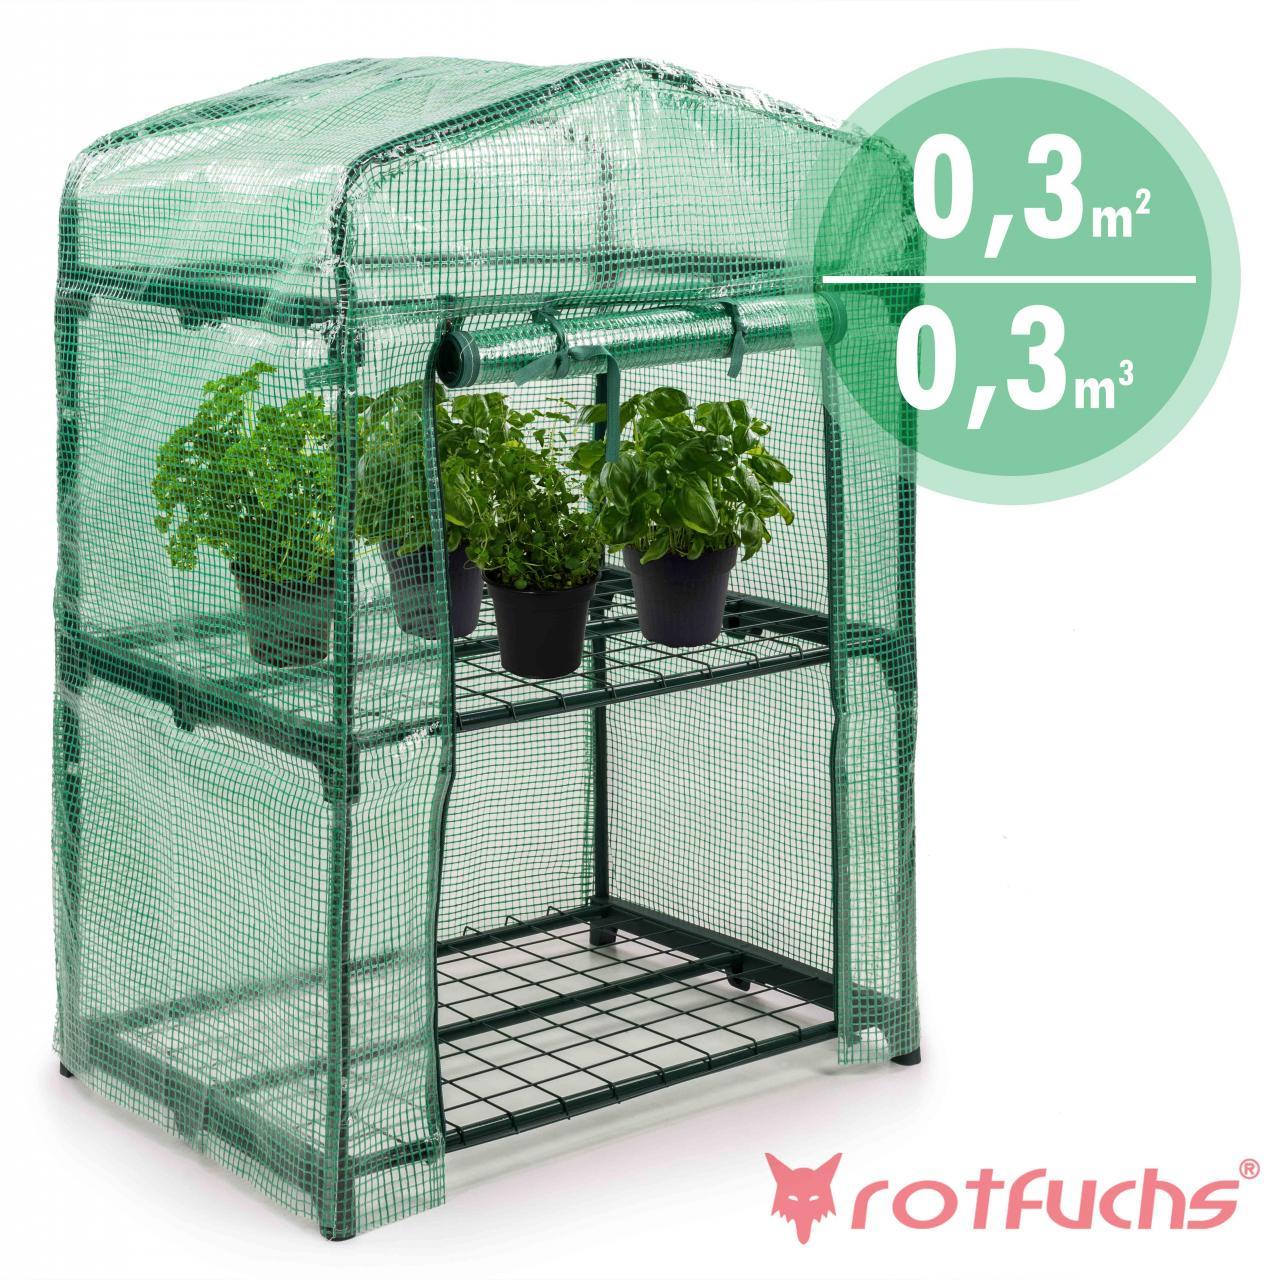 rotfuchs folien gew chshaus treibhaus tomatenhaus folienzelt fr beet mit regal ebay. Black Bedroom Furniture Sets. Home Design Ideas